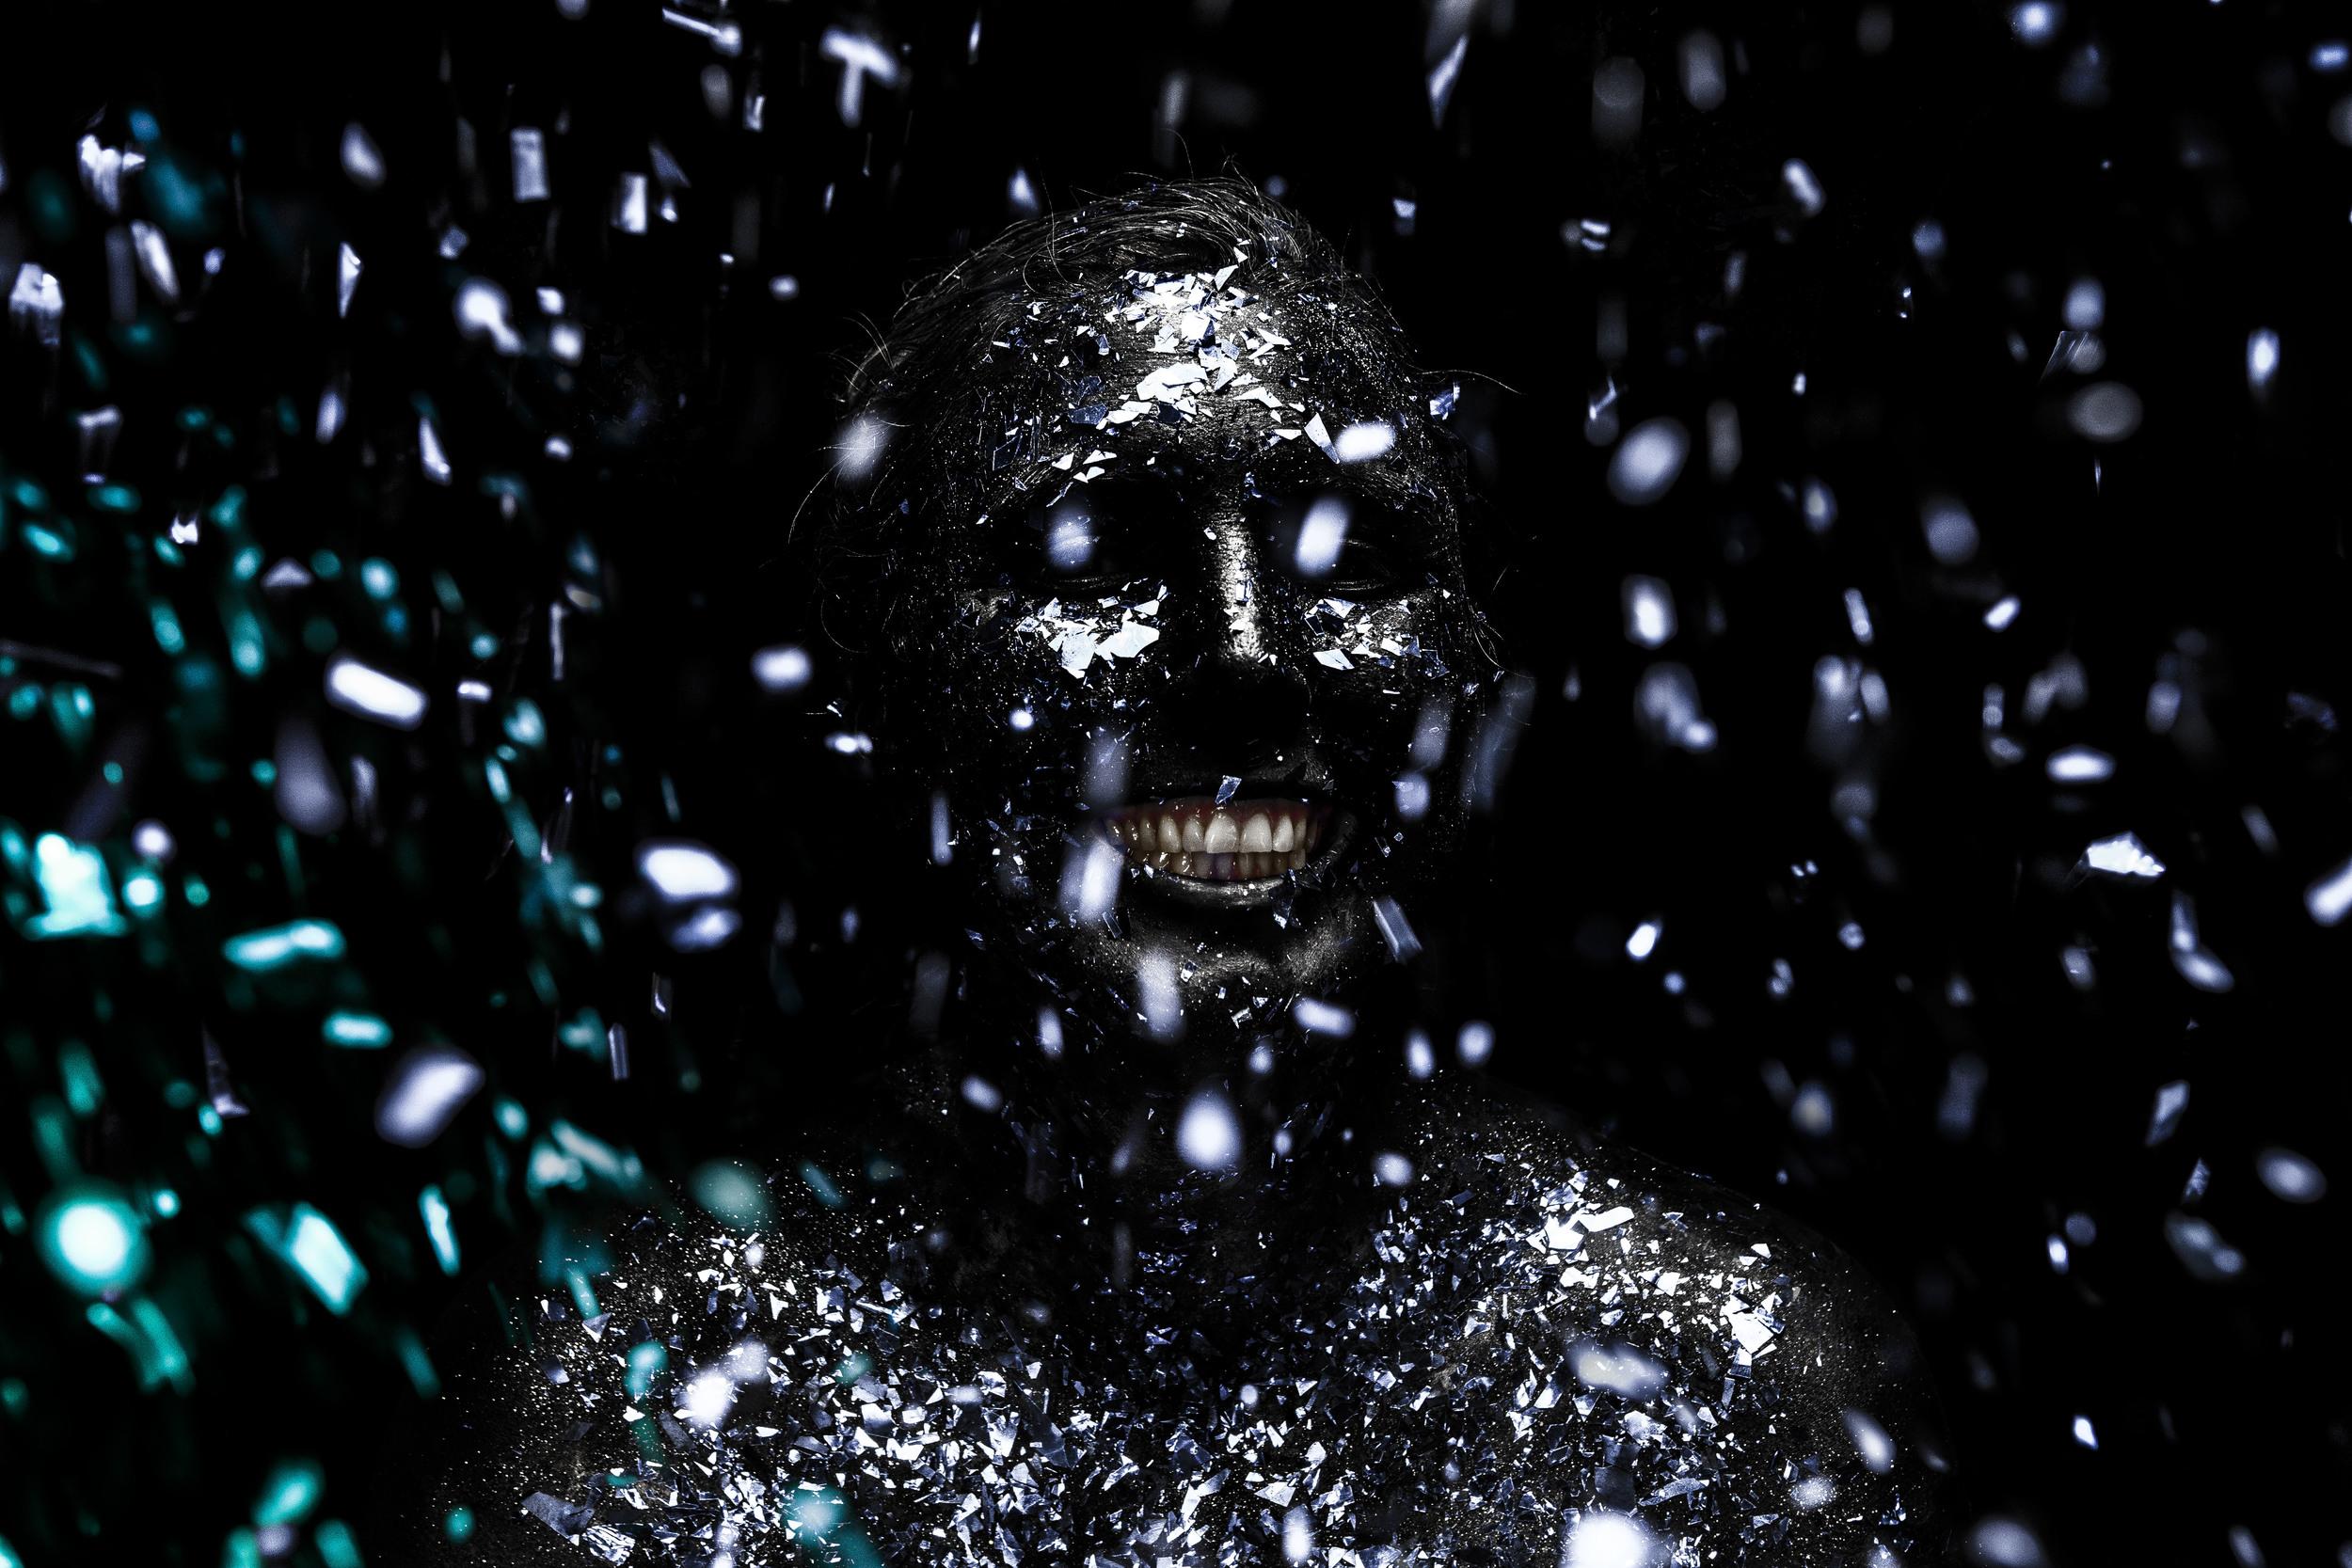 Cherushii_dark glitter